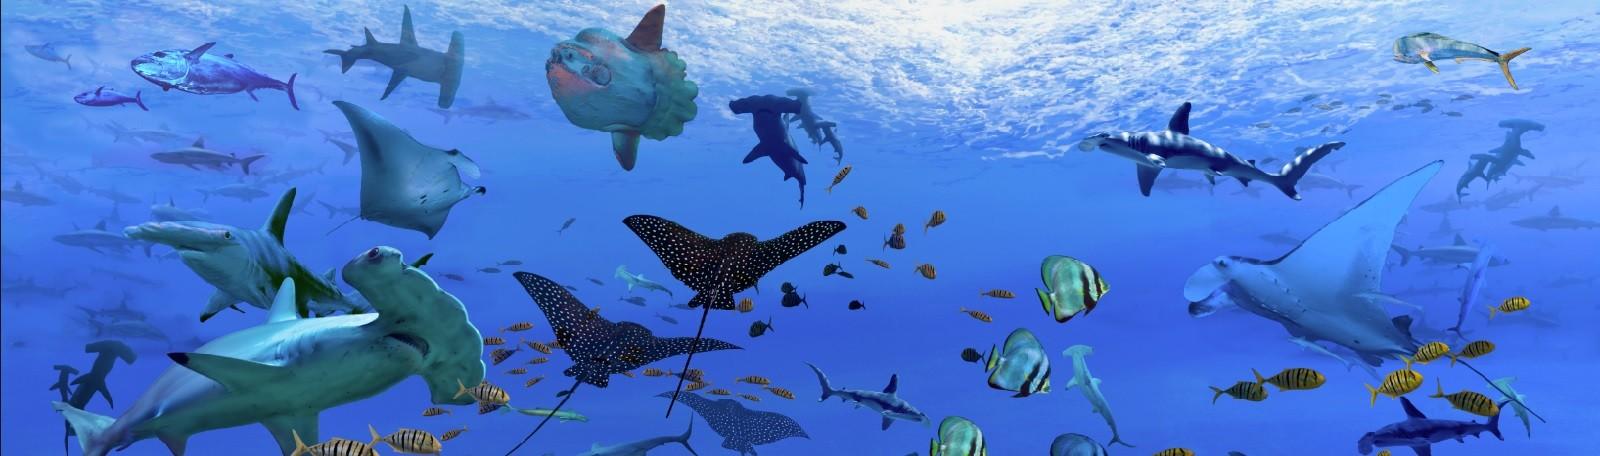 Parkeren Boulogne Sur Mer Aquarium de Nausicaa